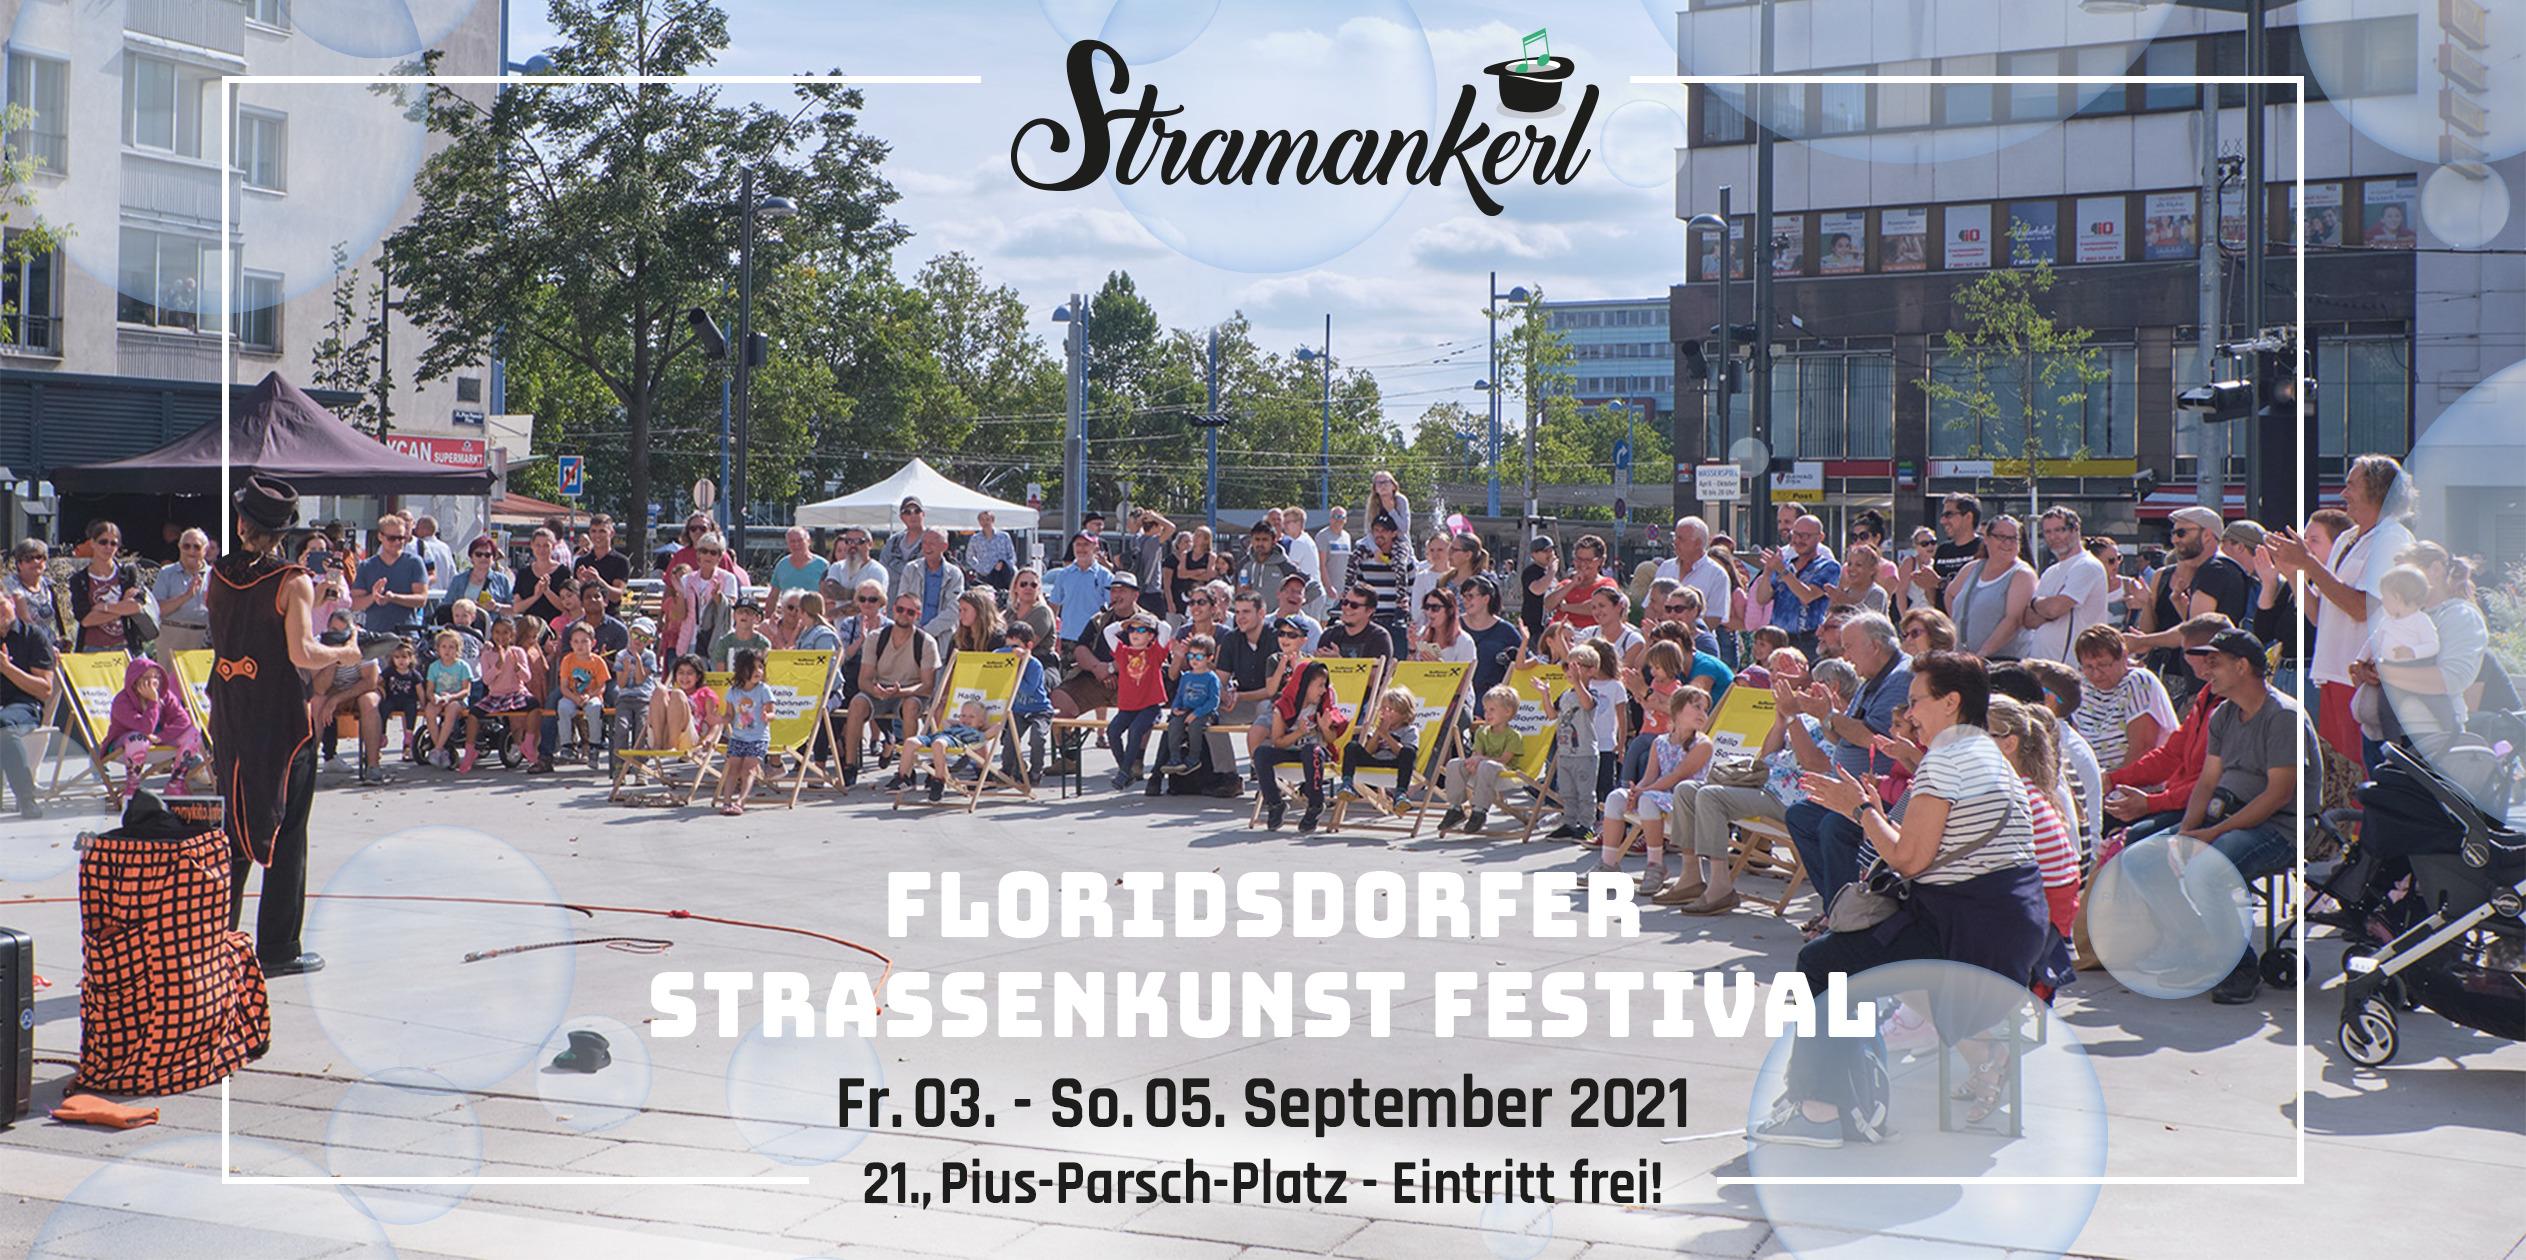 Stramankerl - Straßenkunst Festival